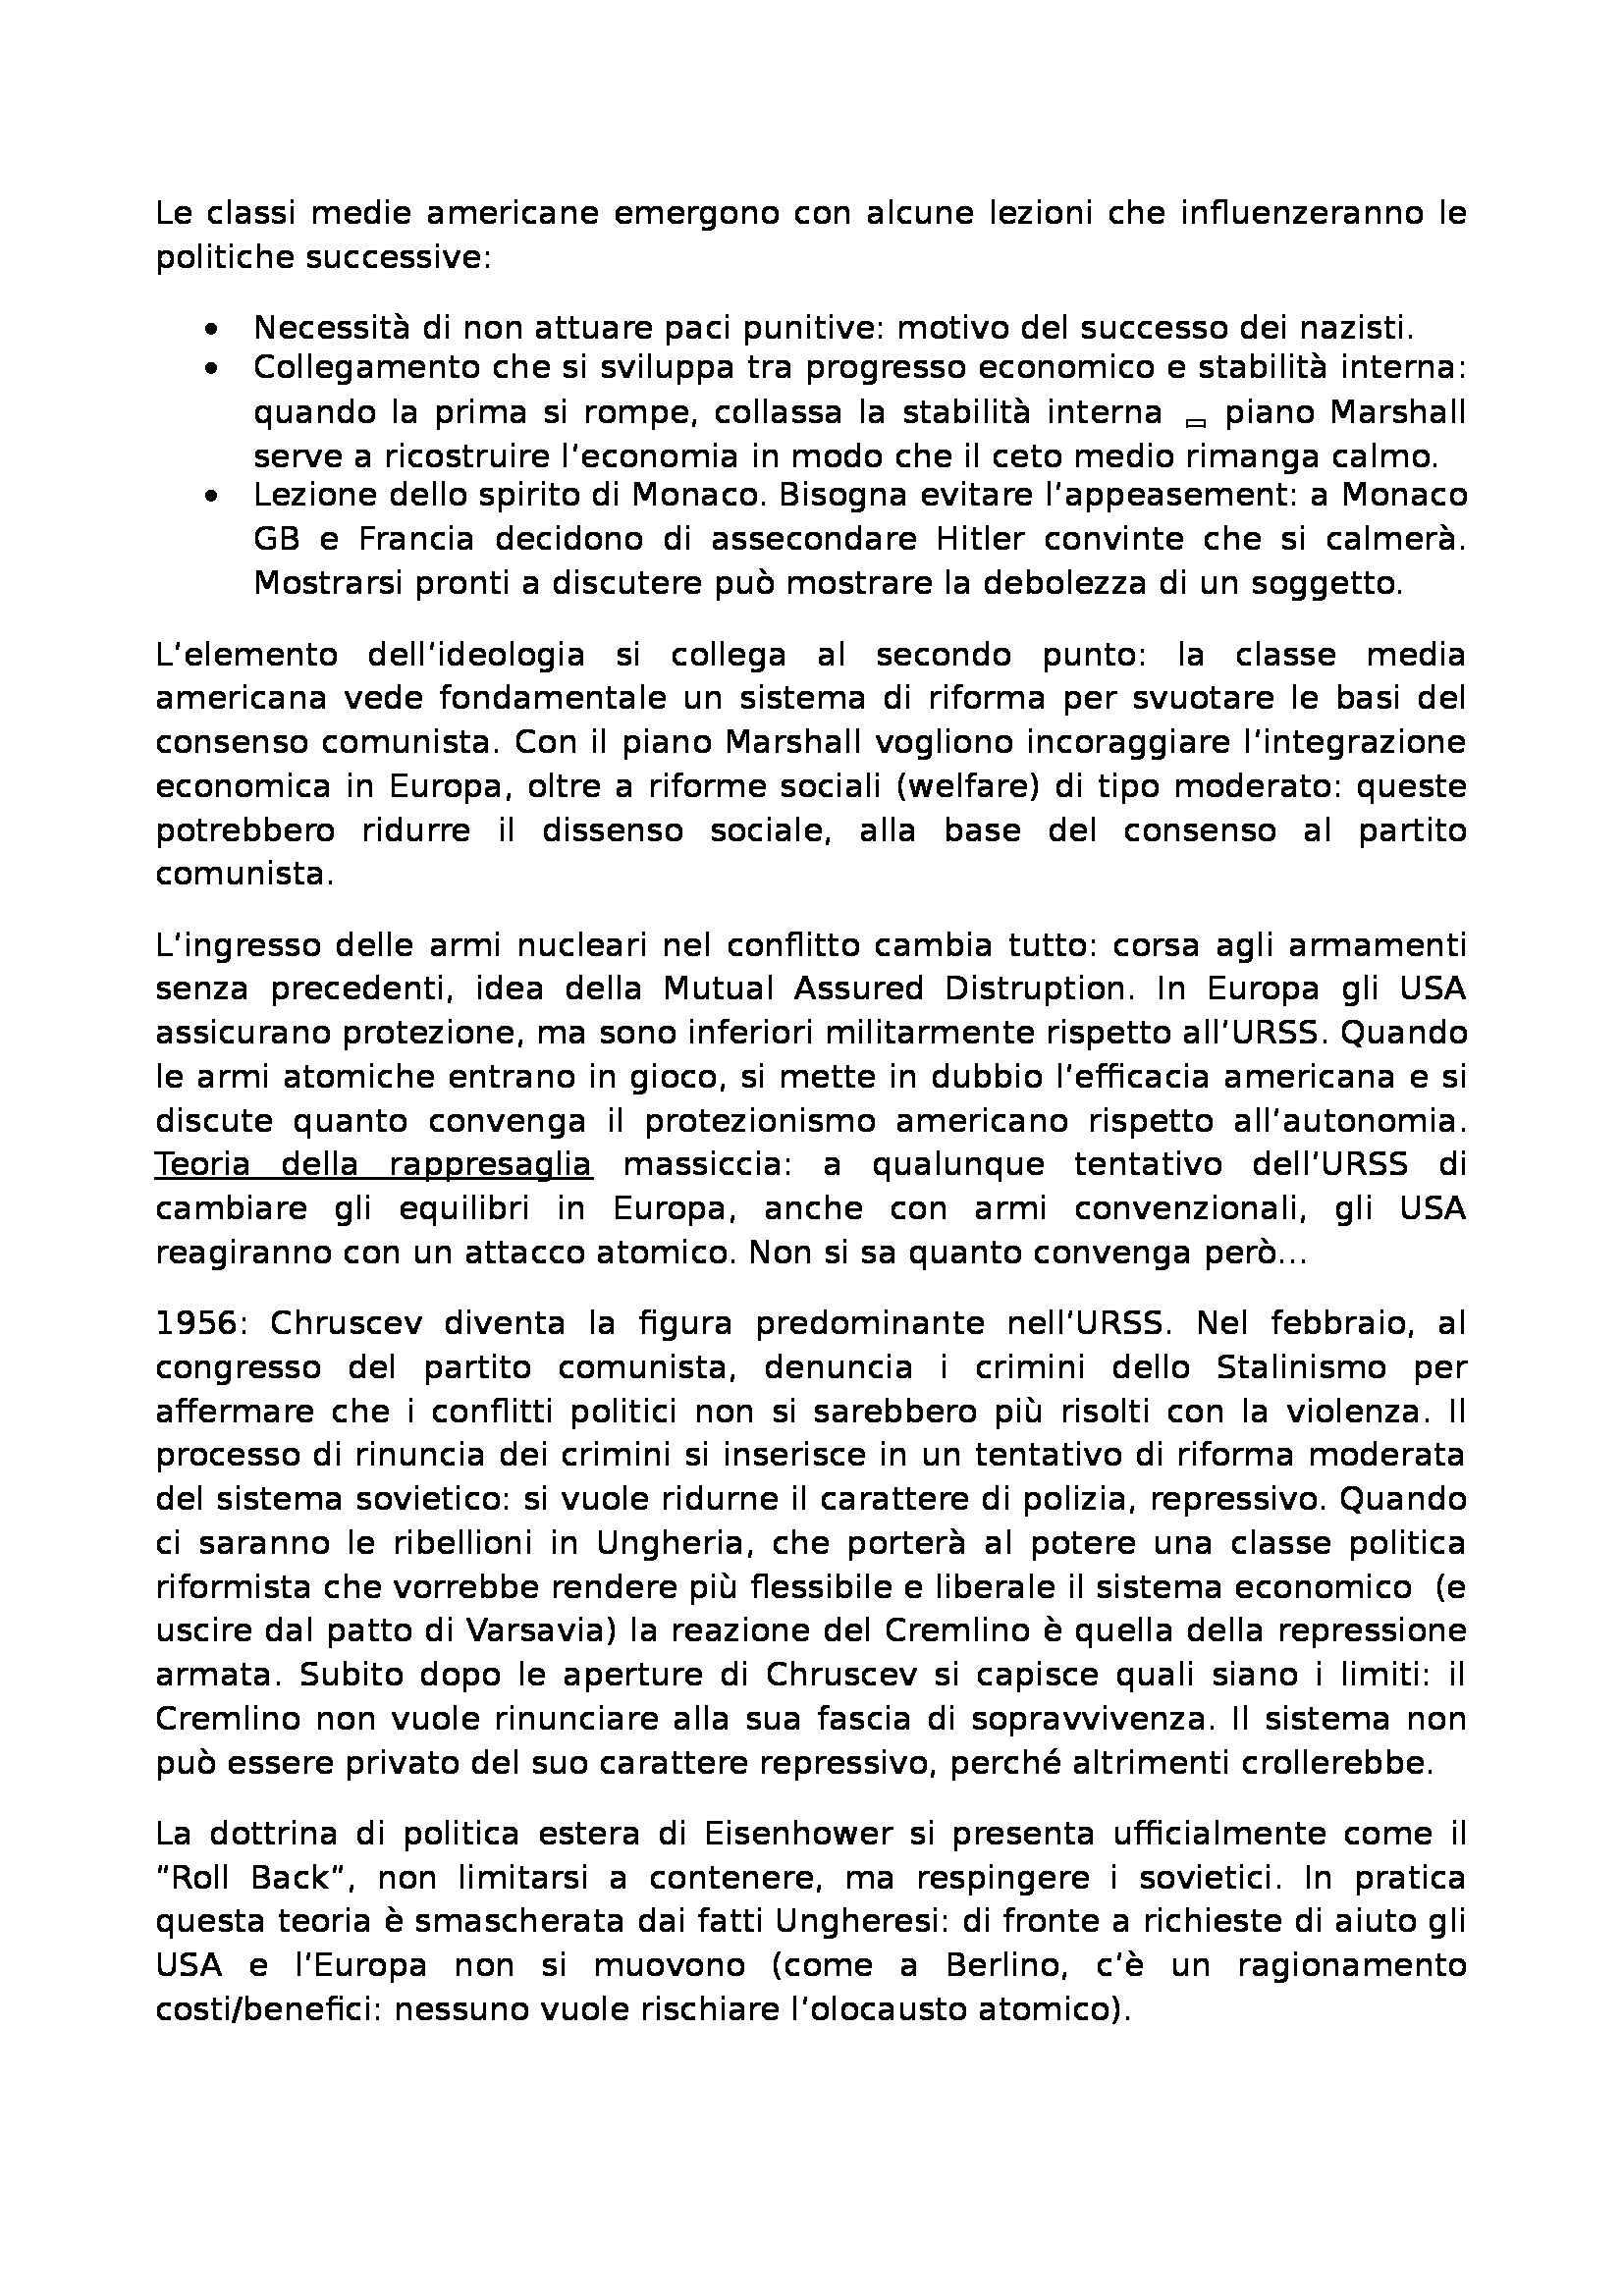 Laboratorio di storia delle relazioni euro atlantiche - Appunti Pag. 46